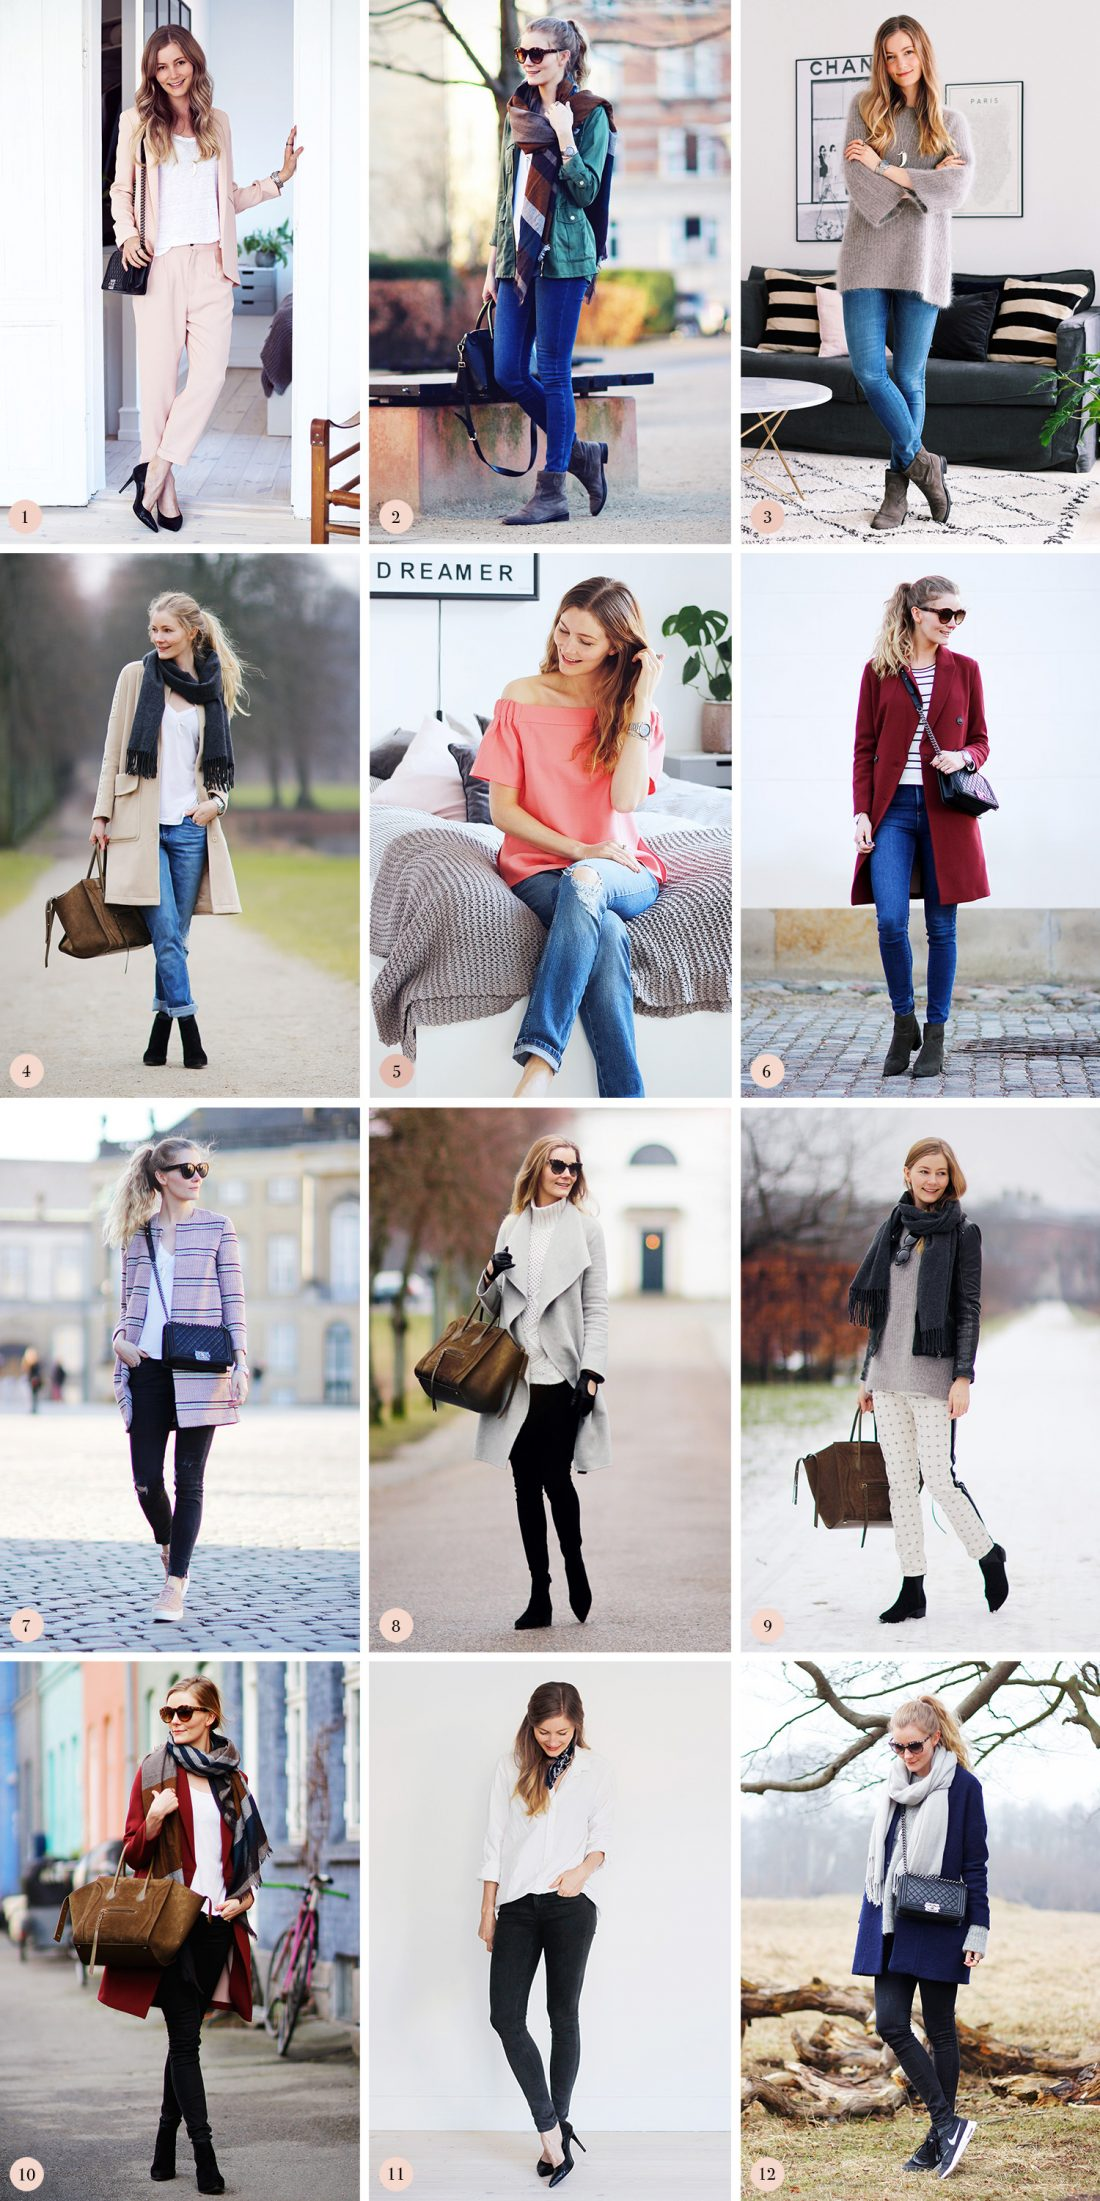 4b5082d56237 tøj-shopping-online.jpg